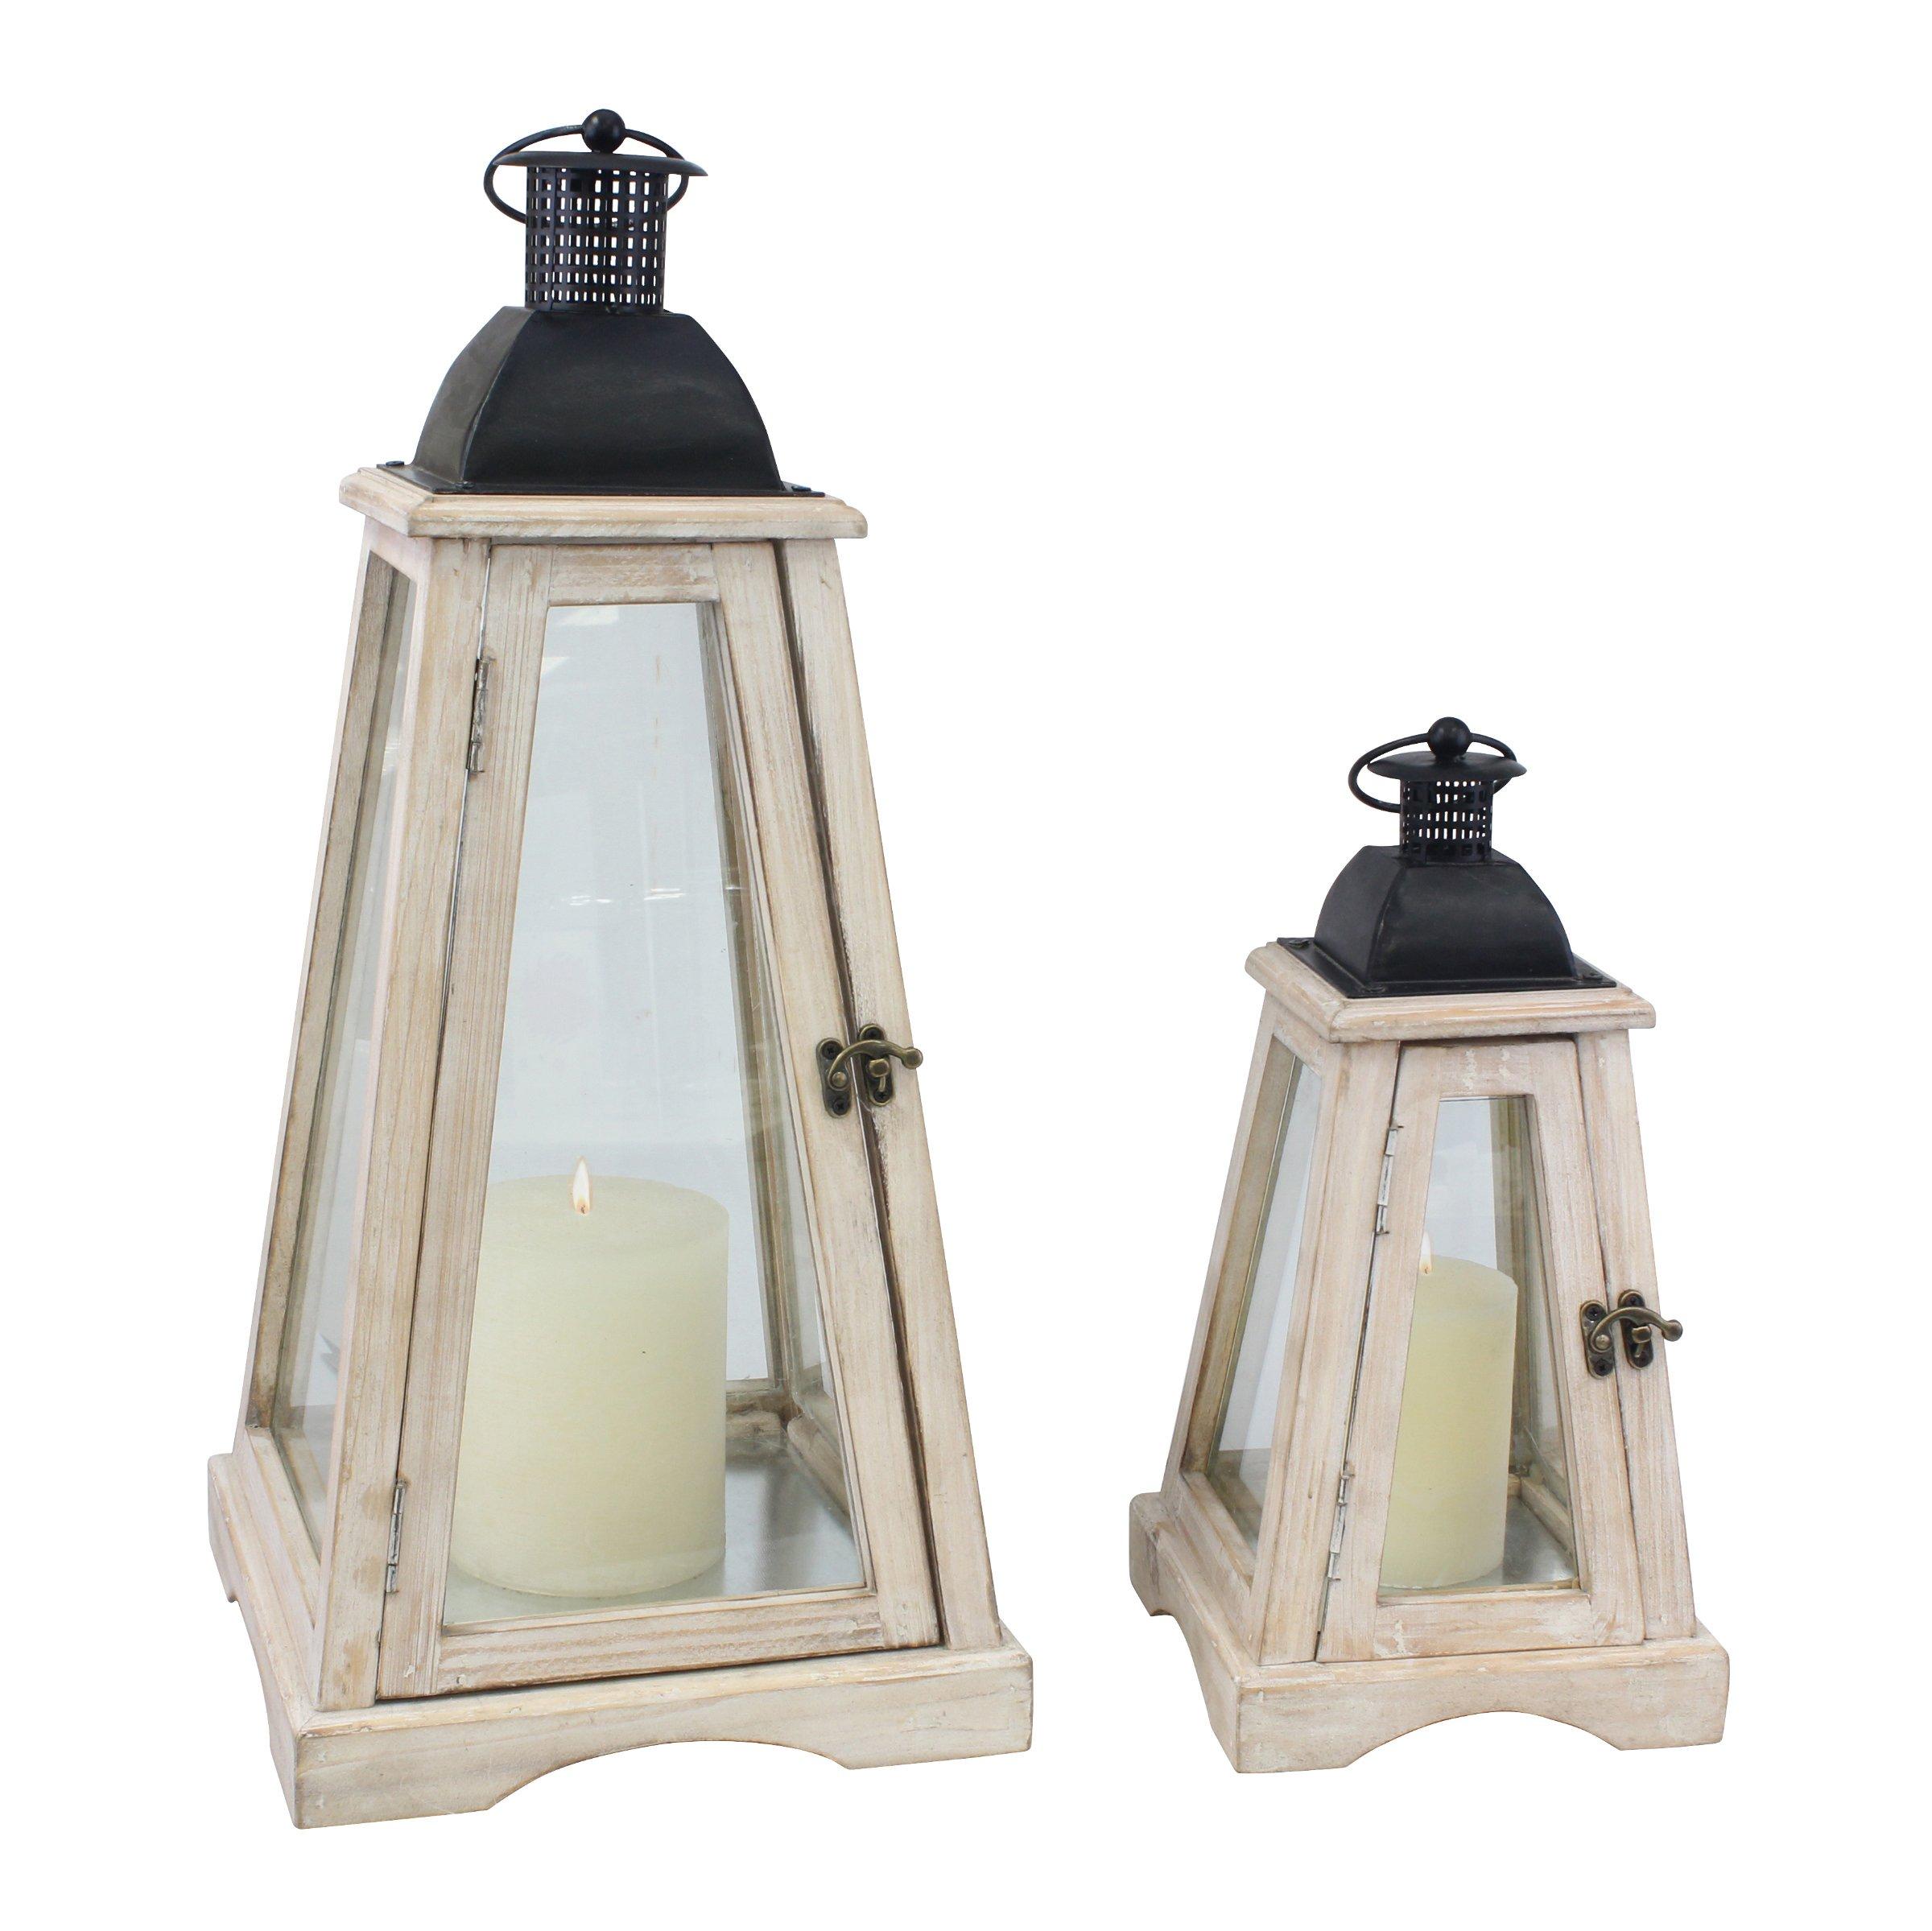 Stonebriar 2pc Worn White Wood Coastal Wooden Candle Lantern Set, Large